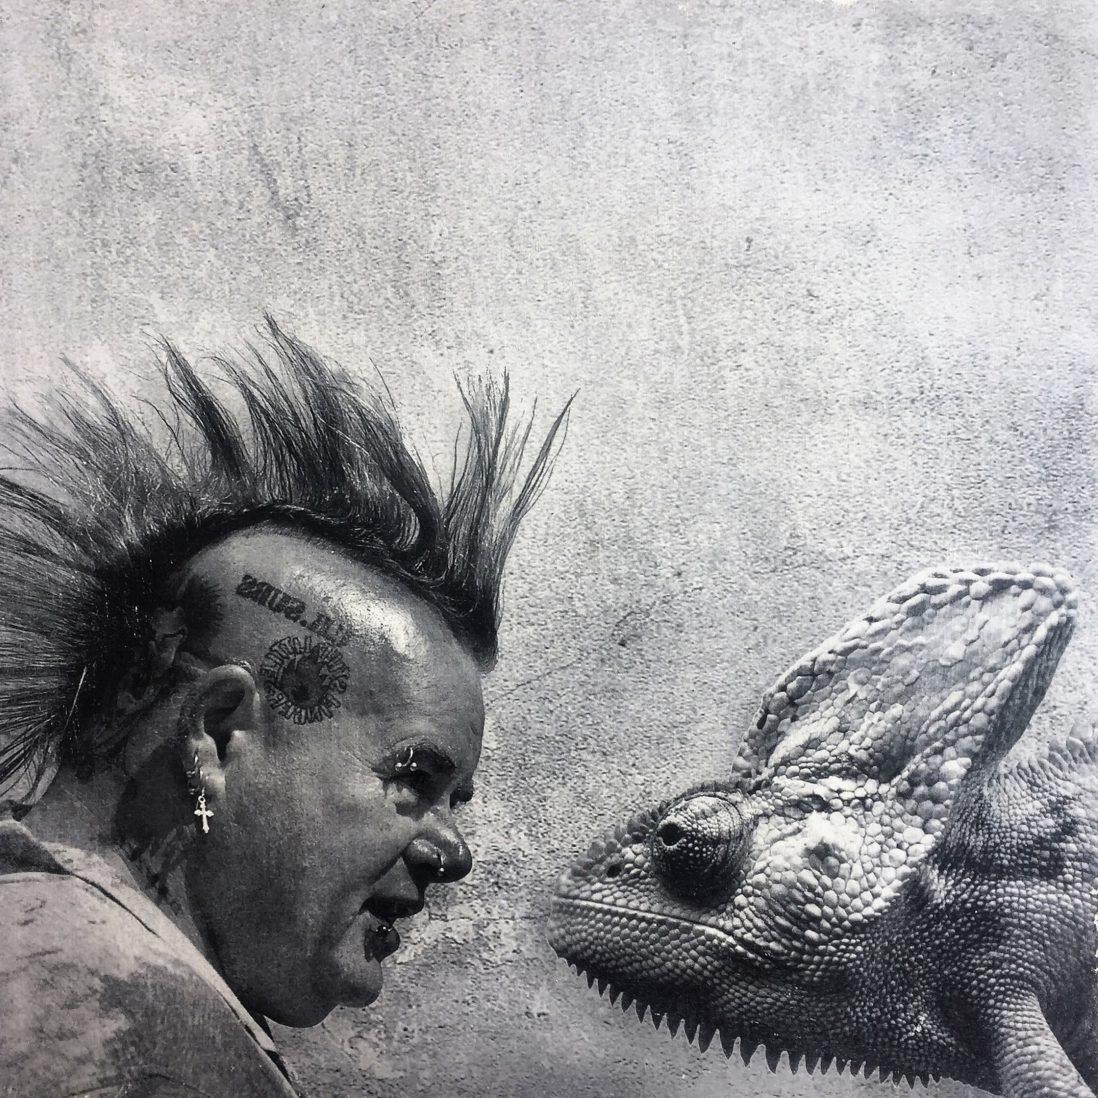 Lizard punk